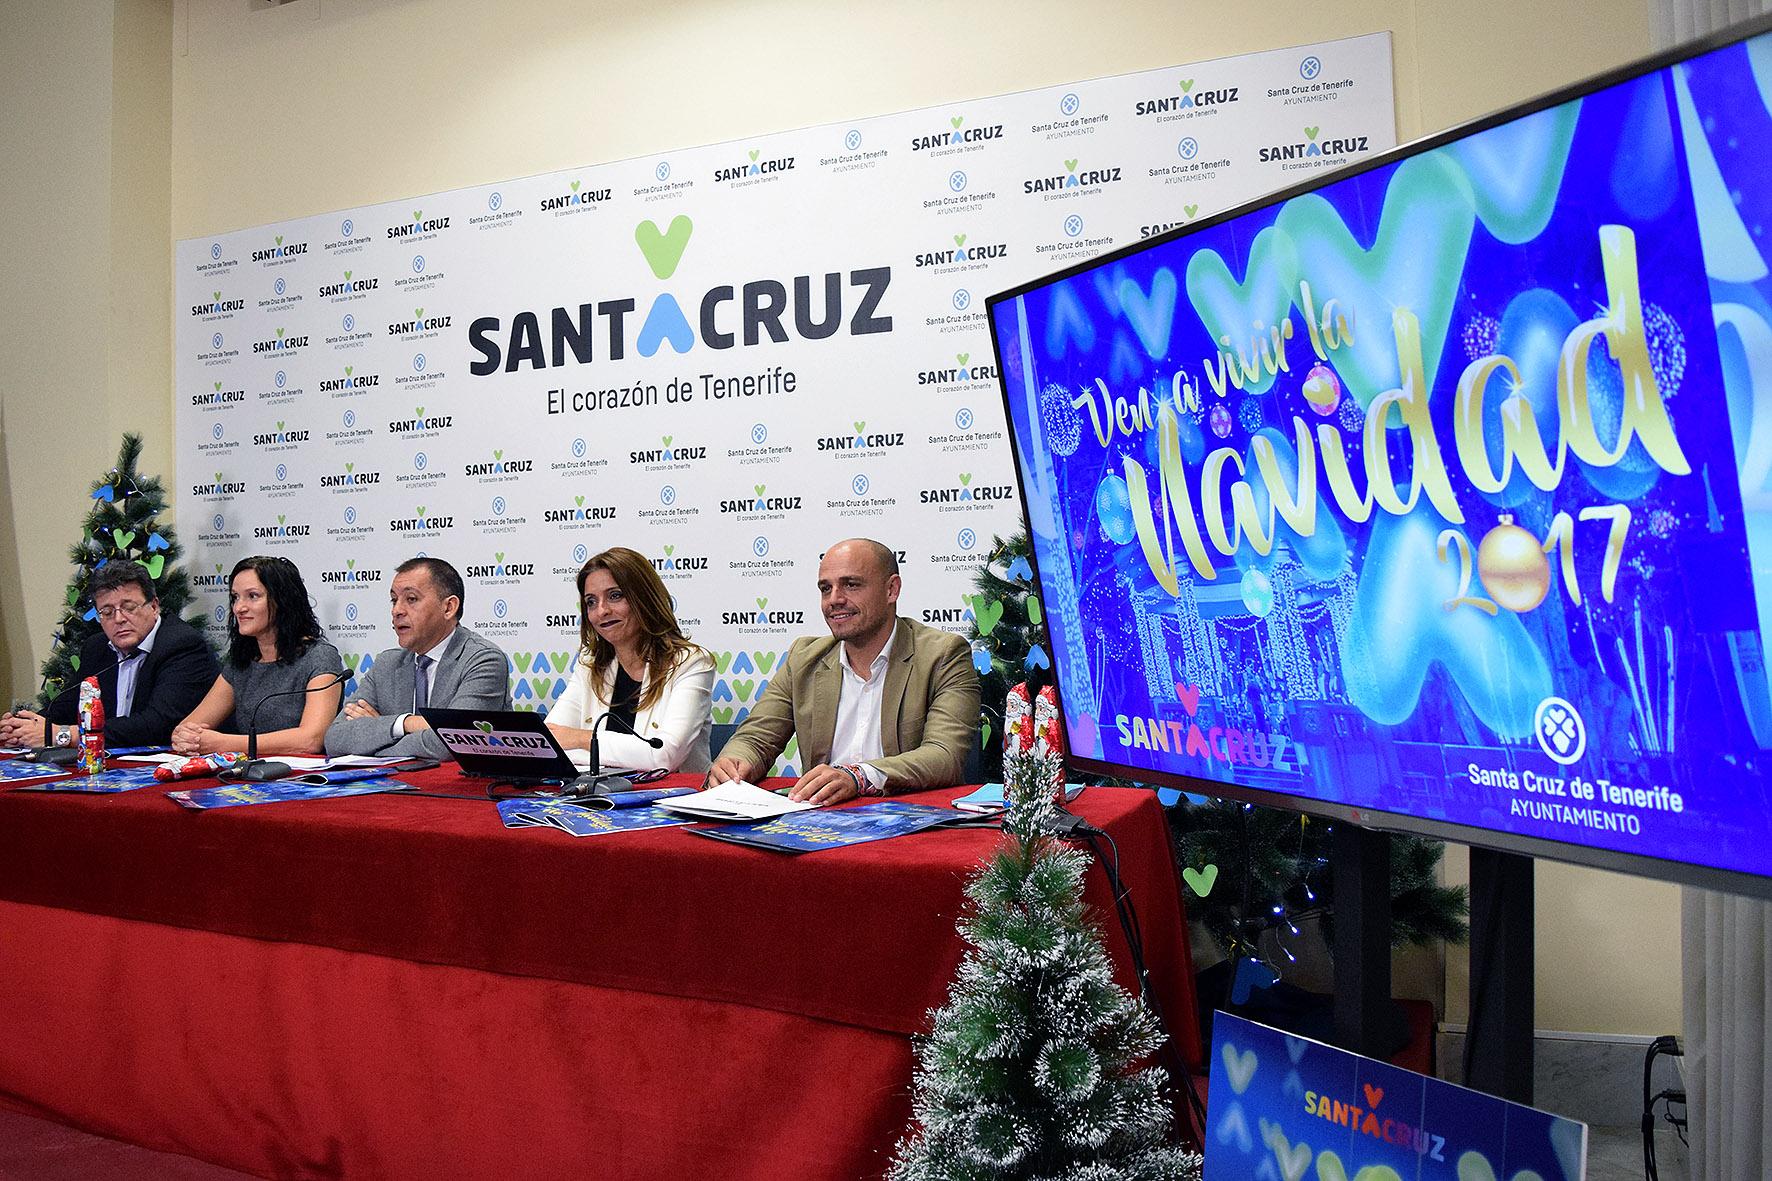 Santa Cruz de Tenerife despliega un amplio programa de Navidad